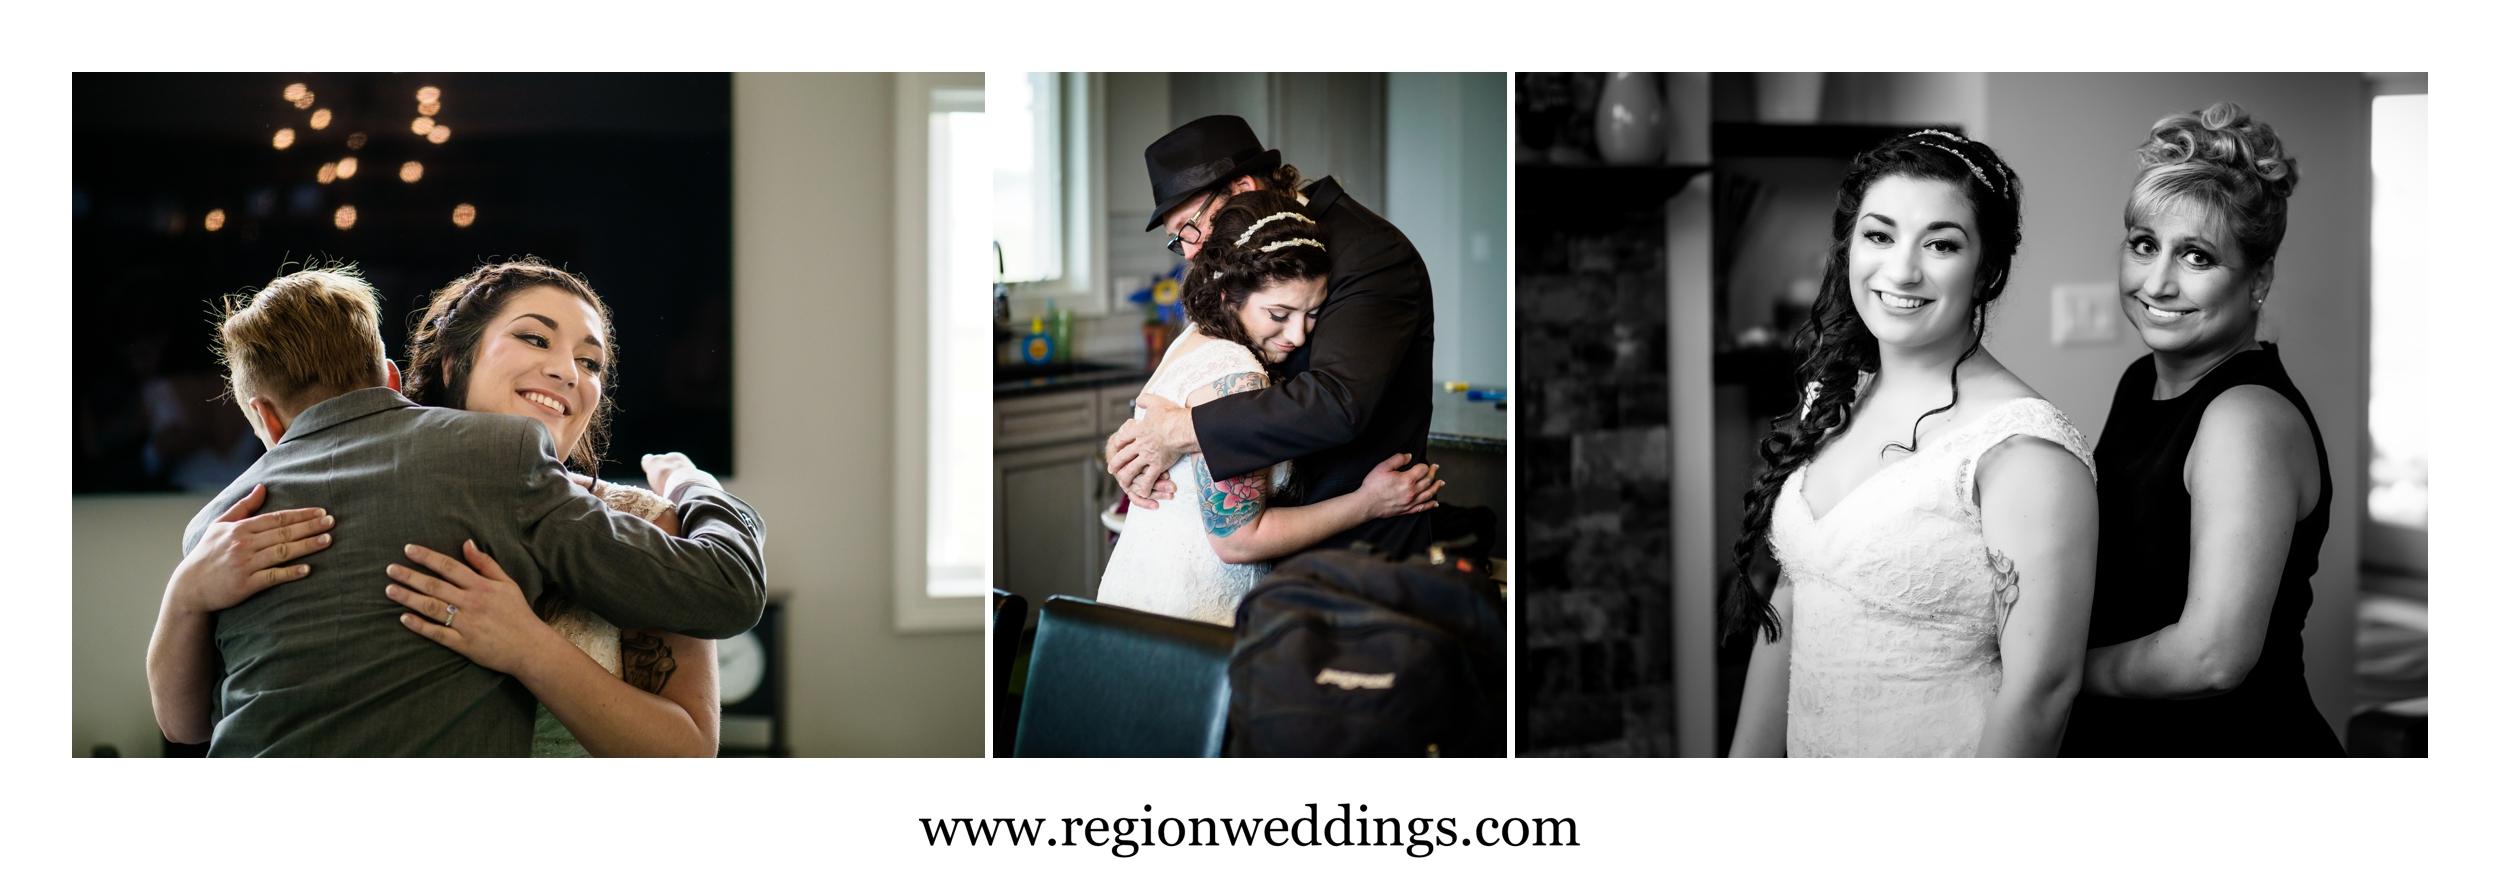 Pre wedding emotions.